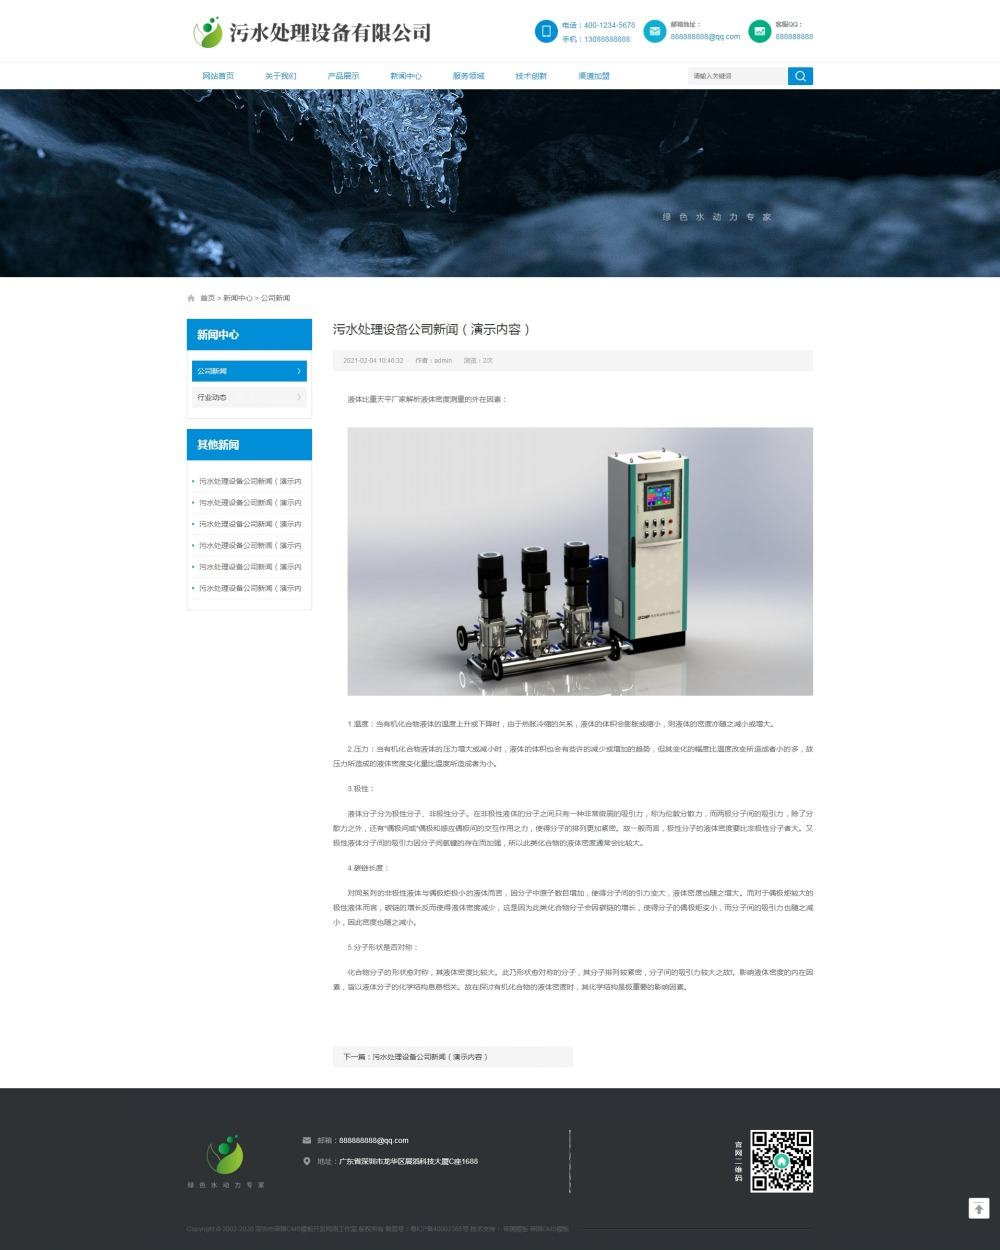 9资讯详情页页.jpg [DG-0182]响应式环保污水处理设备类网站帝国cms模板 html5绿色环保设备帝国网站源码 企业模板 第9张